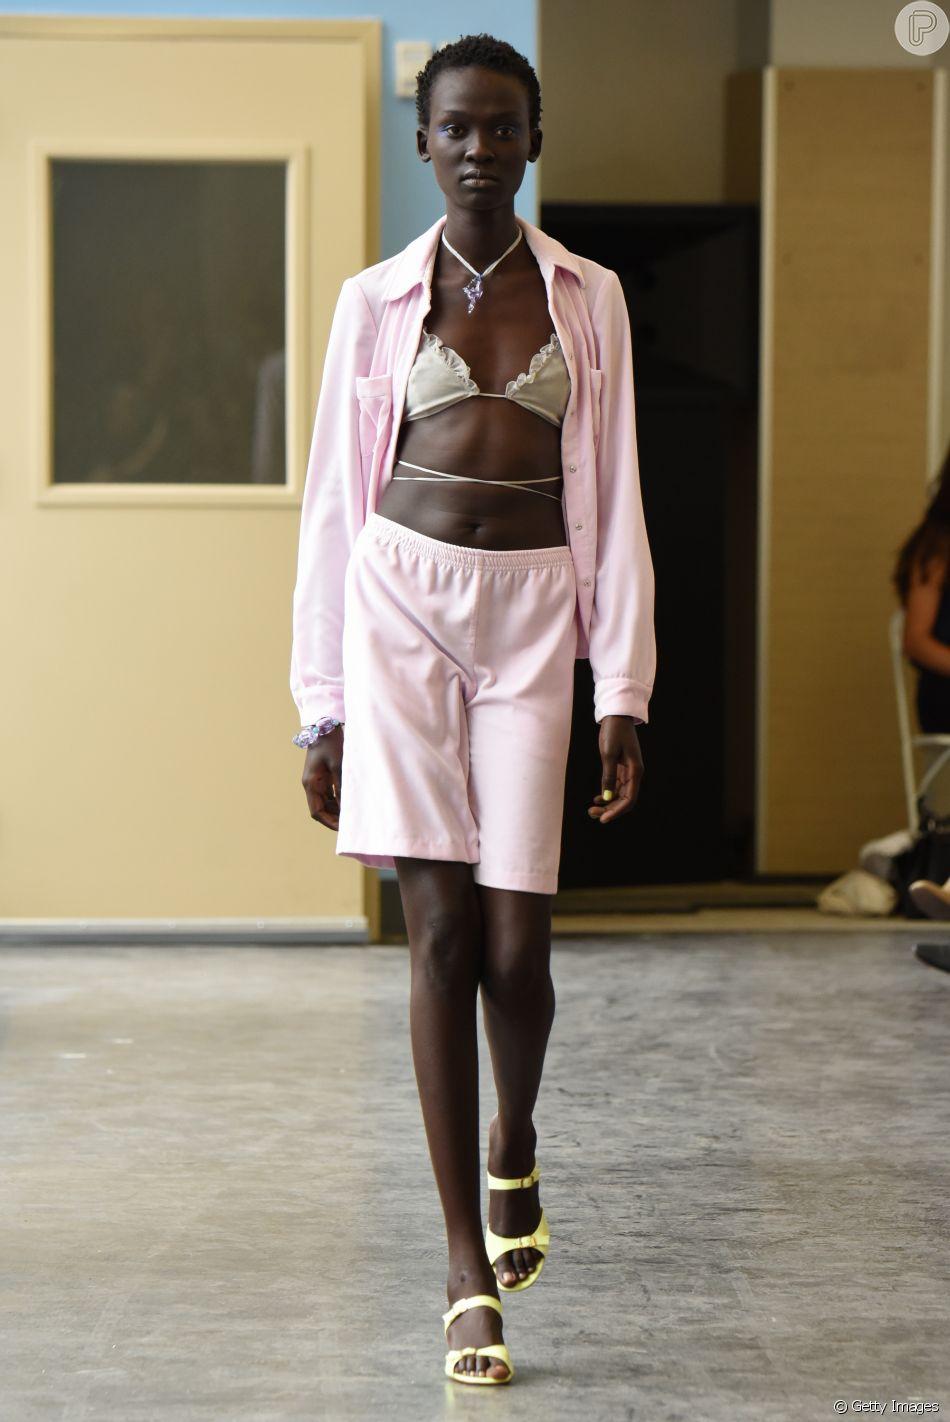 Biquíni com bermuda: versão no estilo moletom pode ser usada com a parte de cima do beachwear para um look mais descontraído no verão